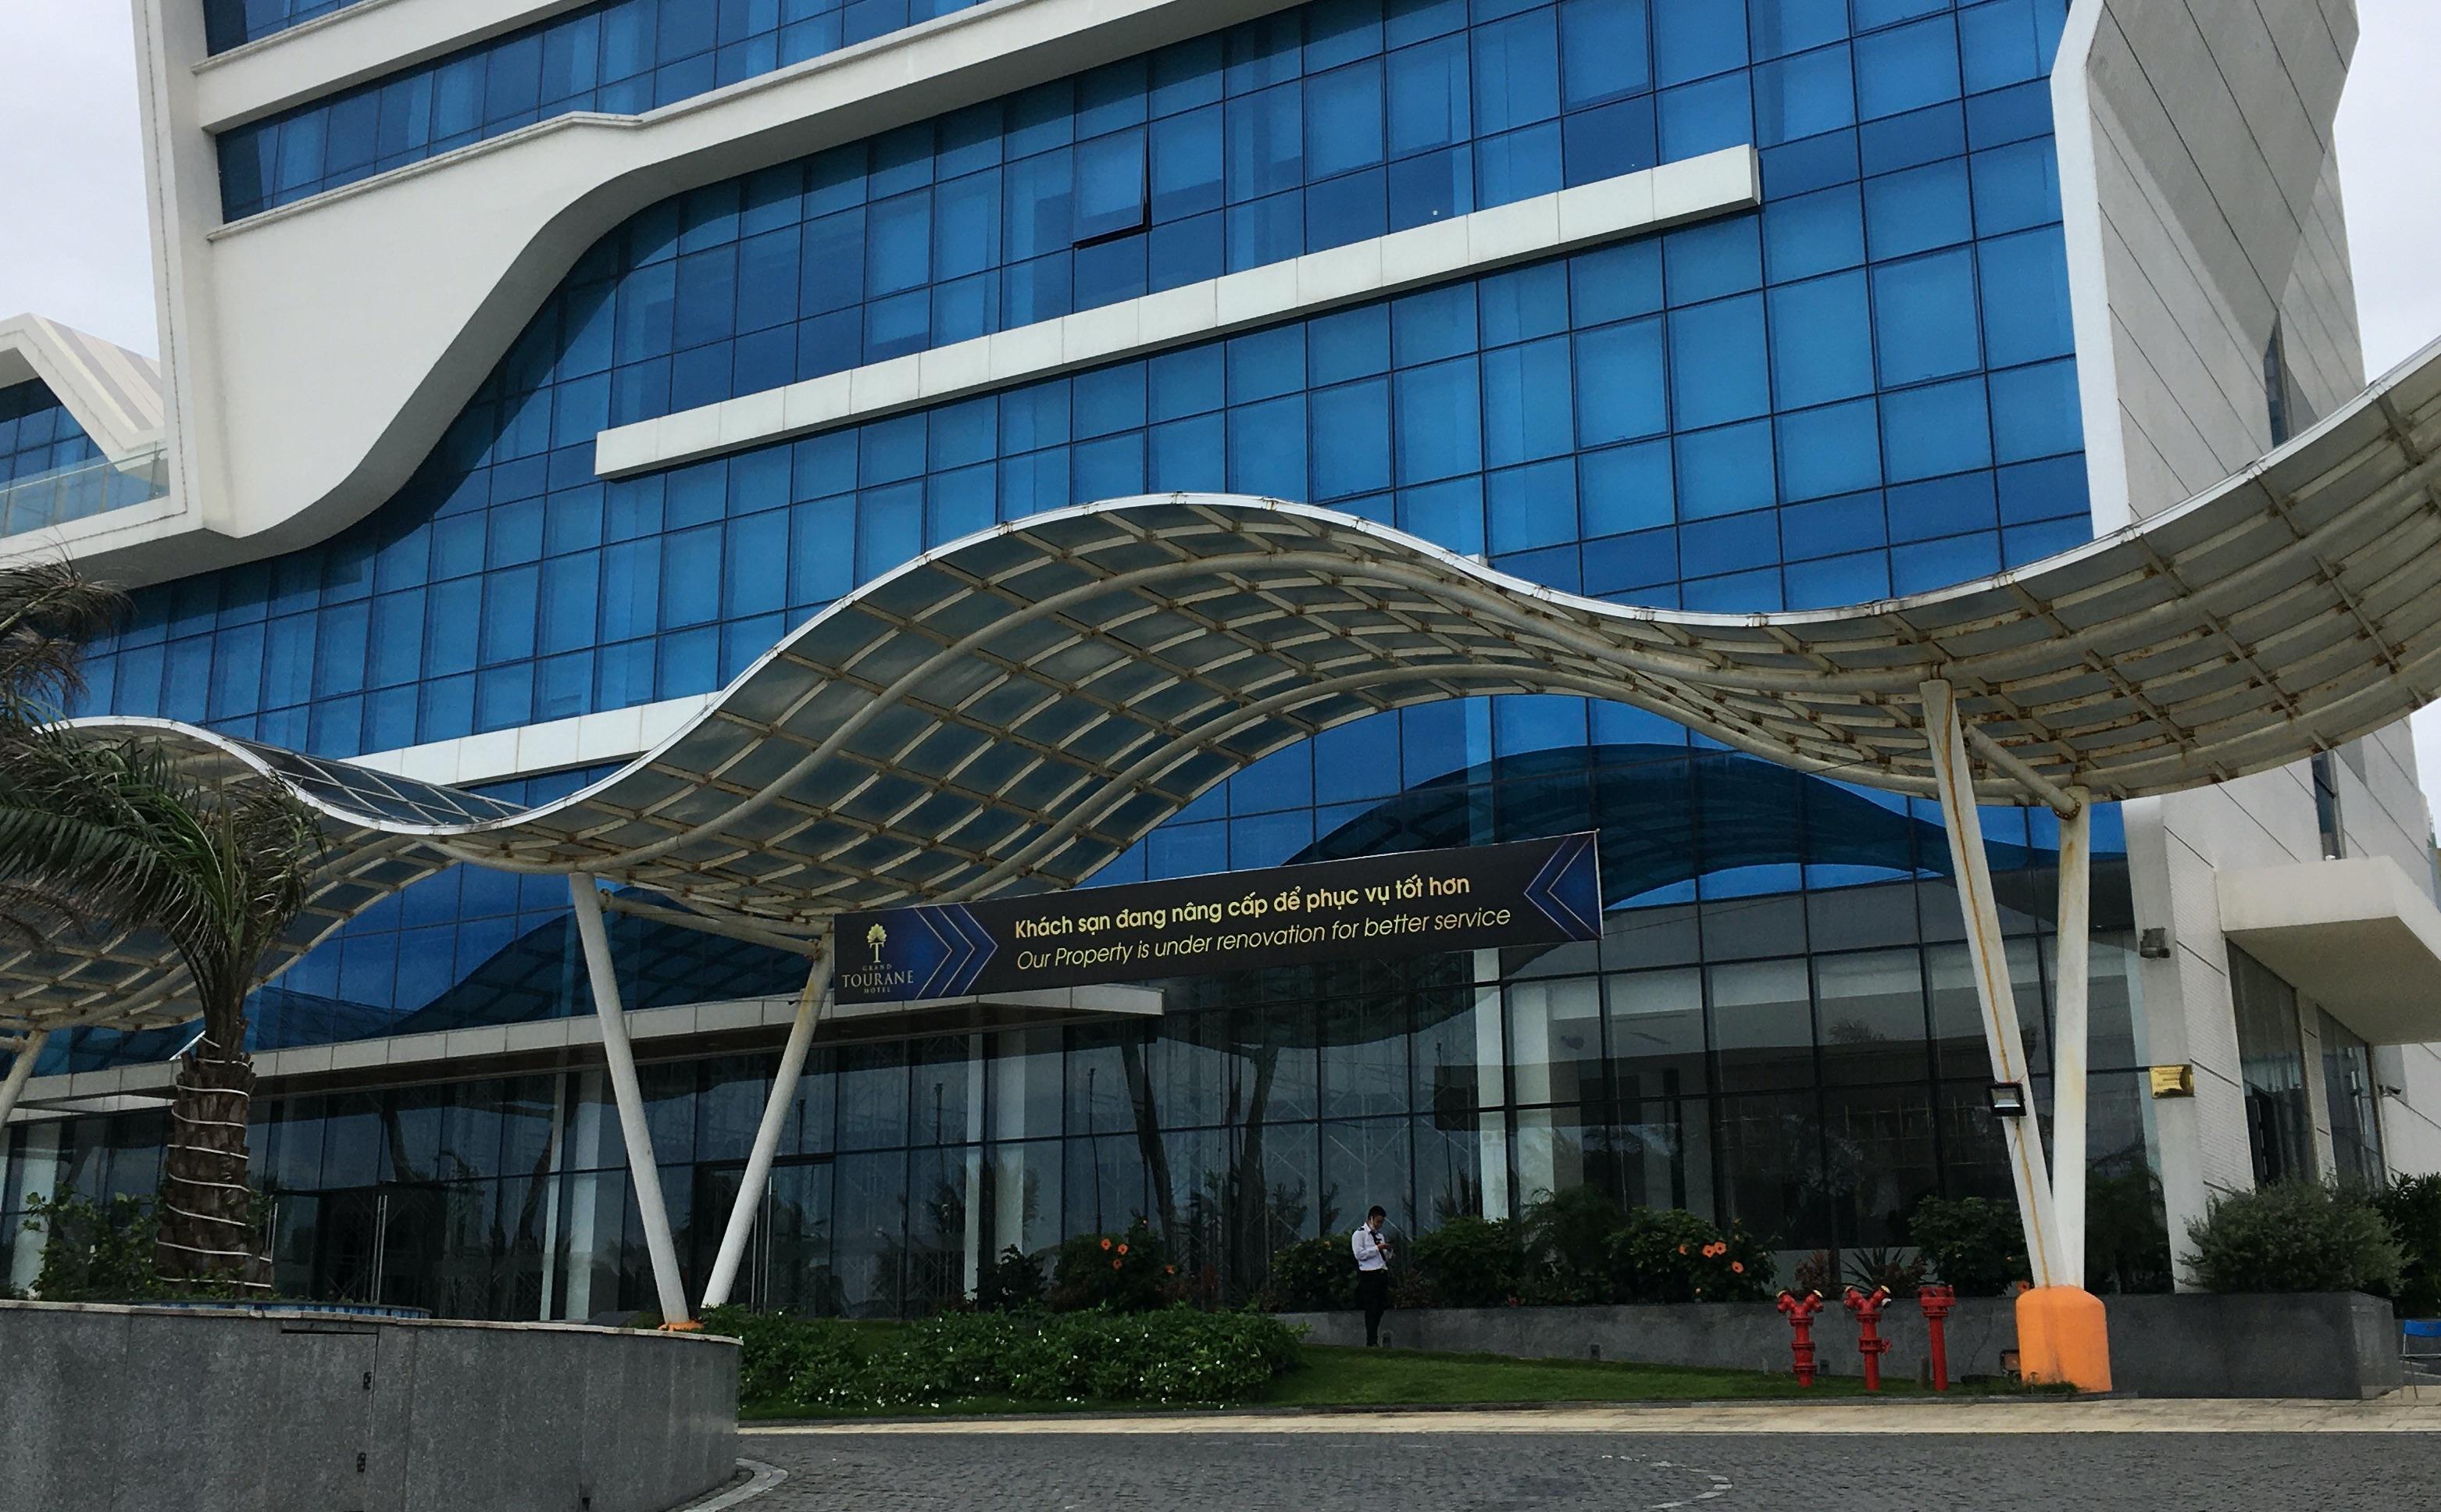 Khách sạn ở Đà Nẵng đóng cửa im ỉm dù chính quyền cho đón khách trở lại - Ảnh 9.